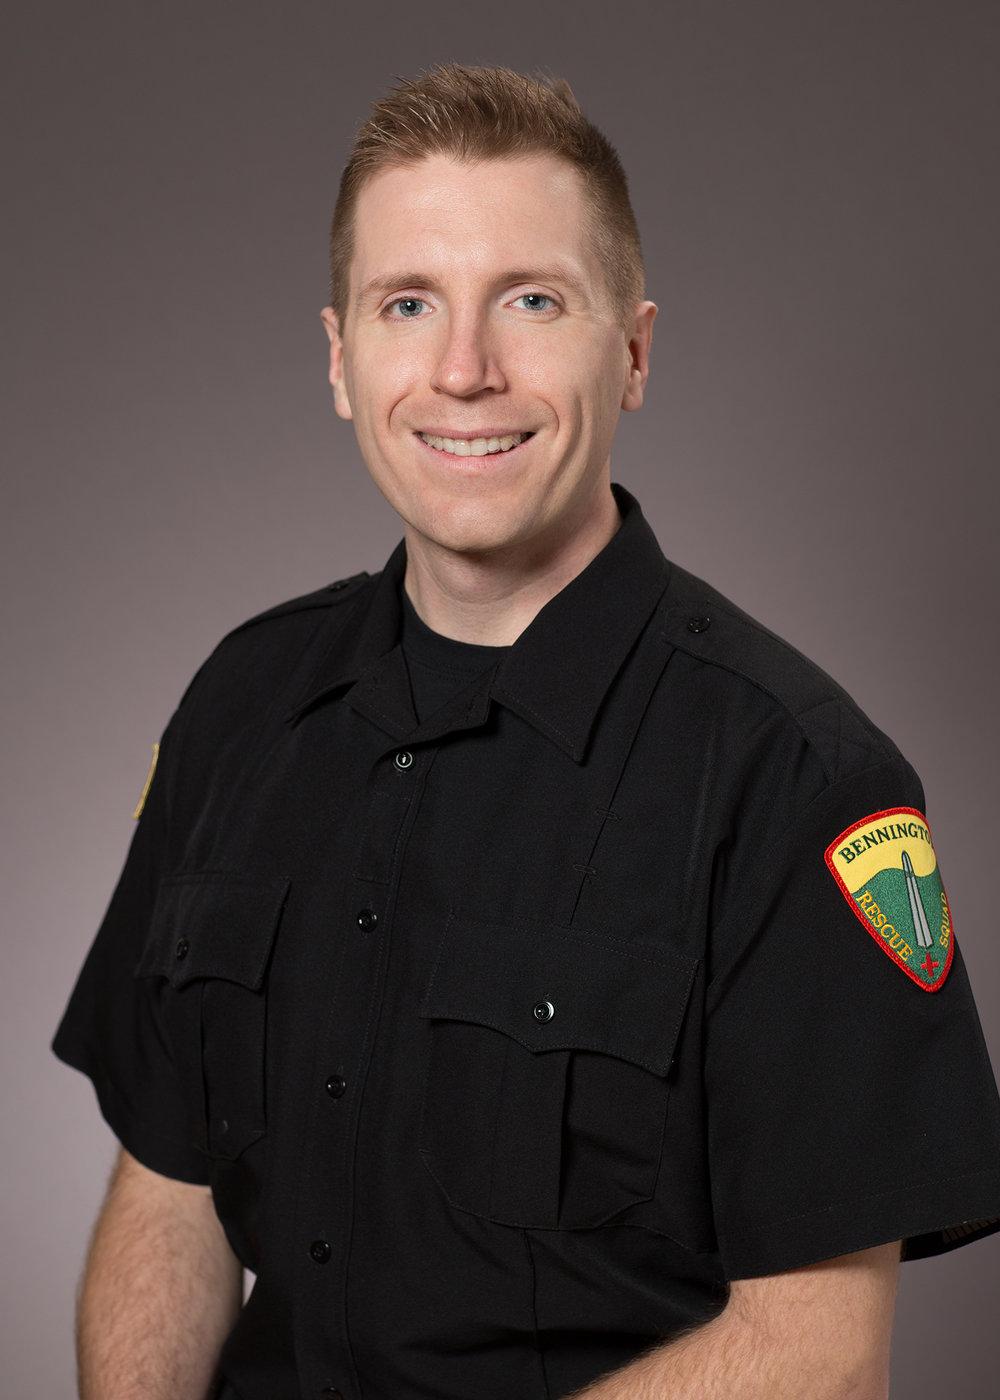 Jeff Reed, Paramedic